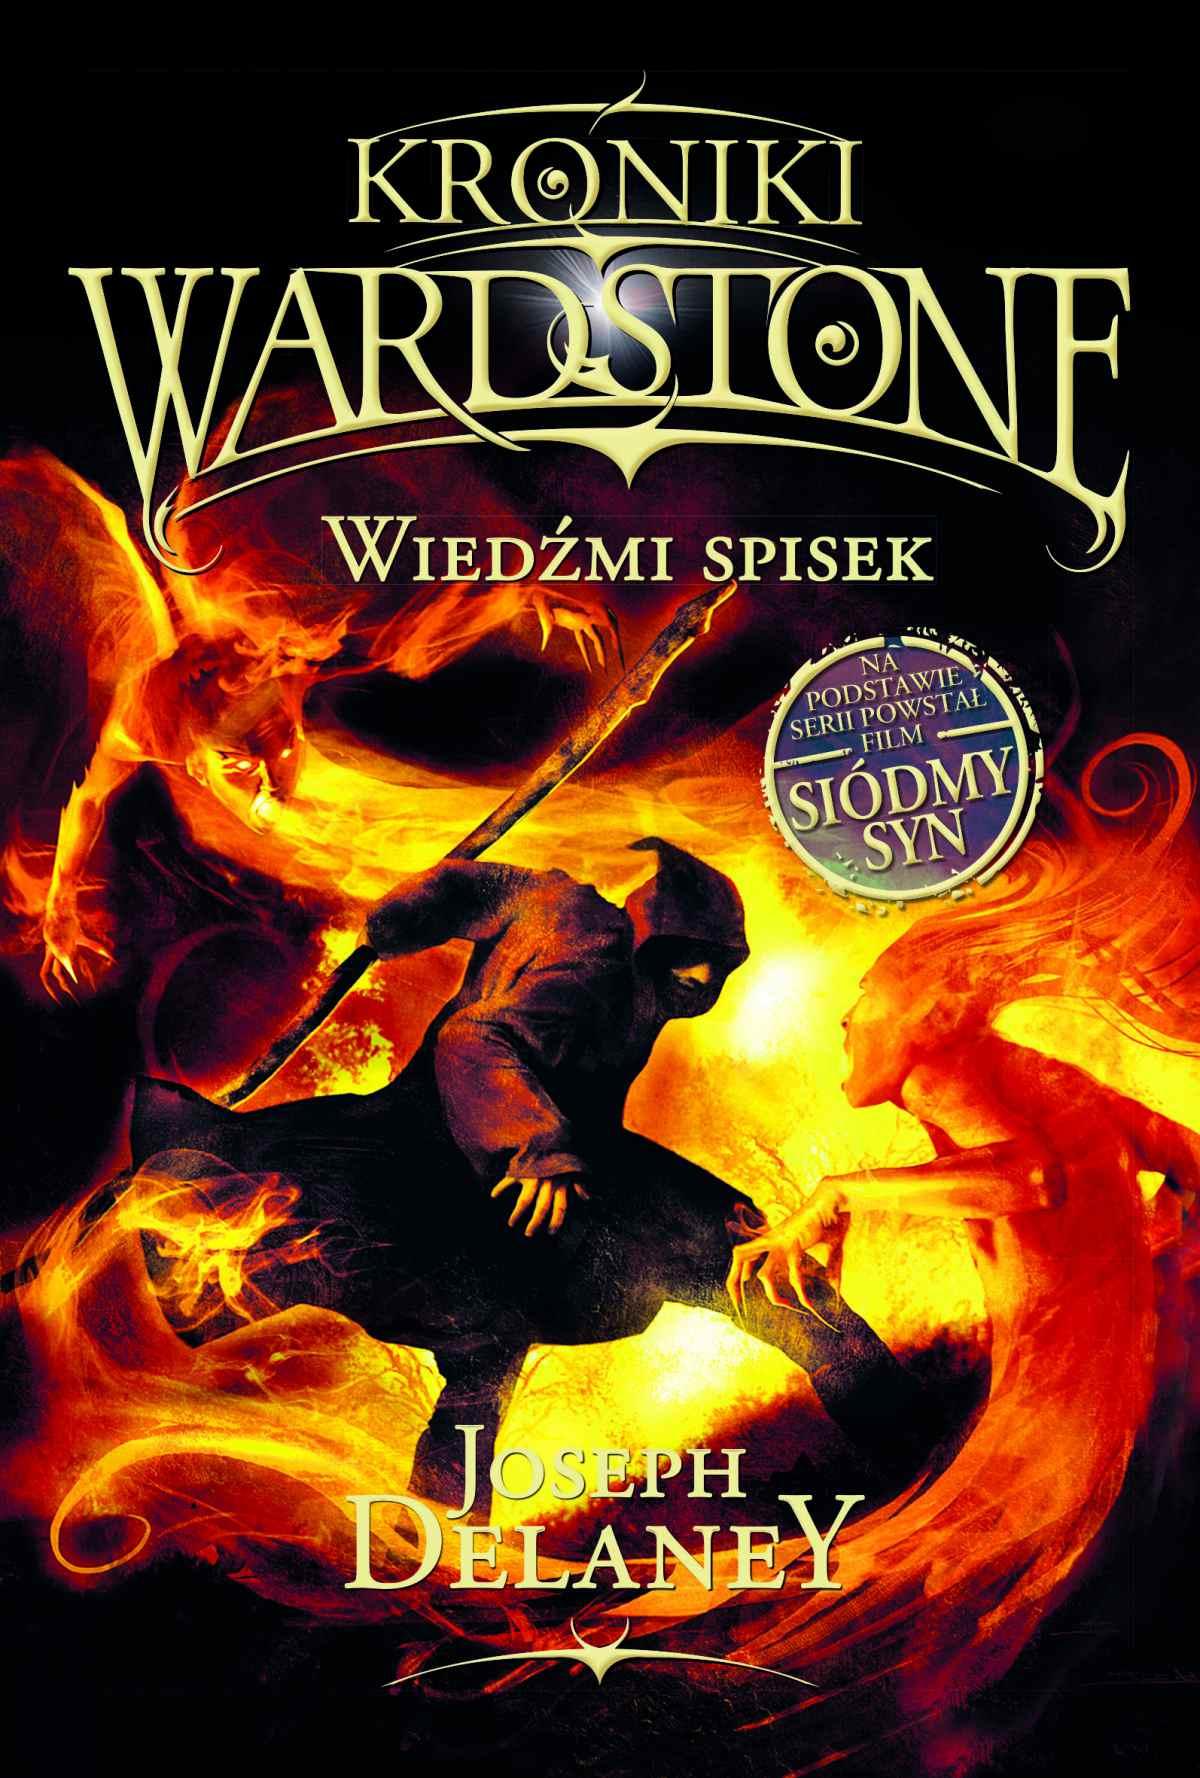 Kroniki Wardstone 4. Wiedźmi spisek - Ebook (Książka na Kindle) do pobrania w formacie MOBI